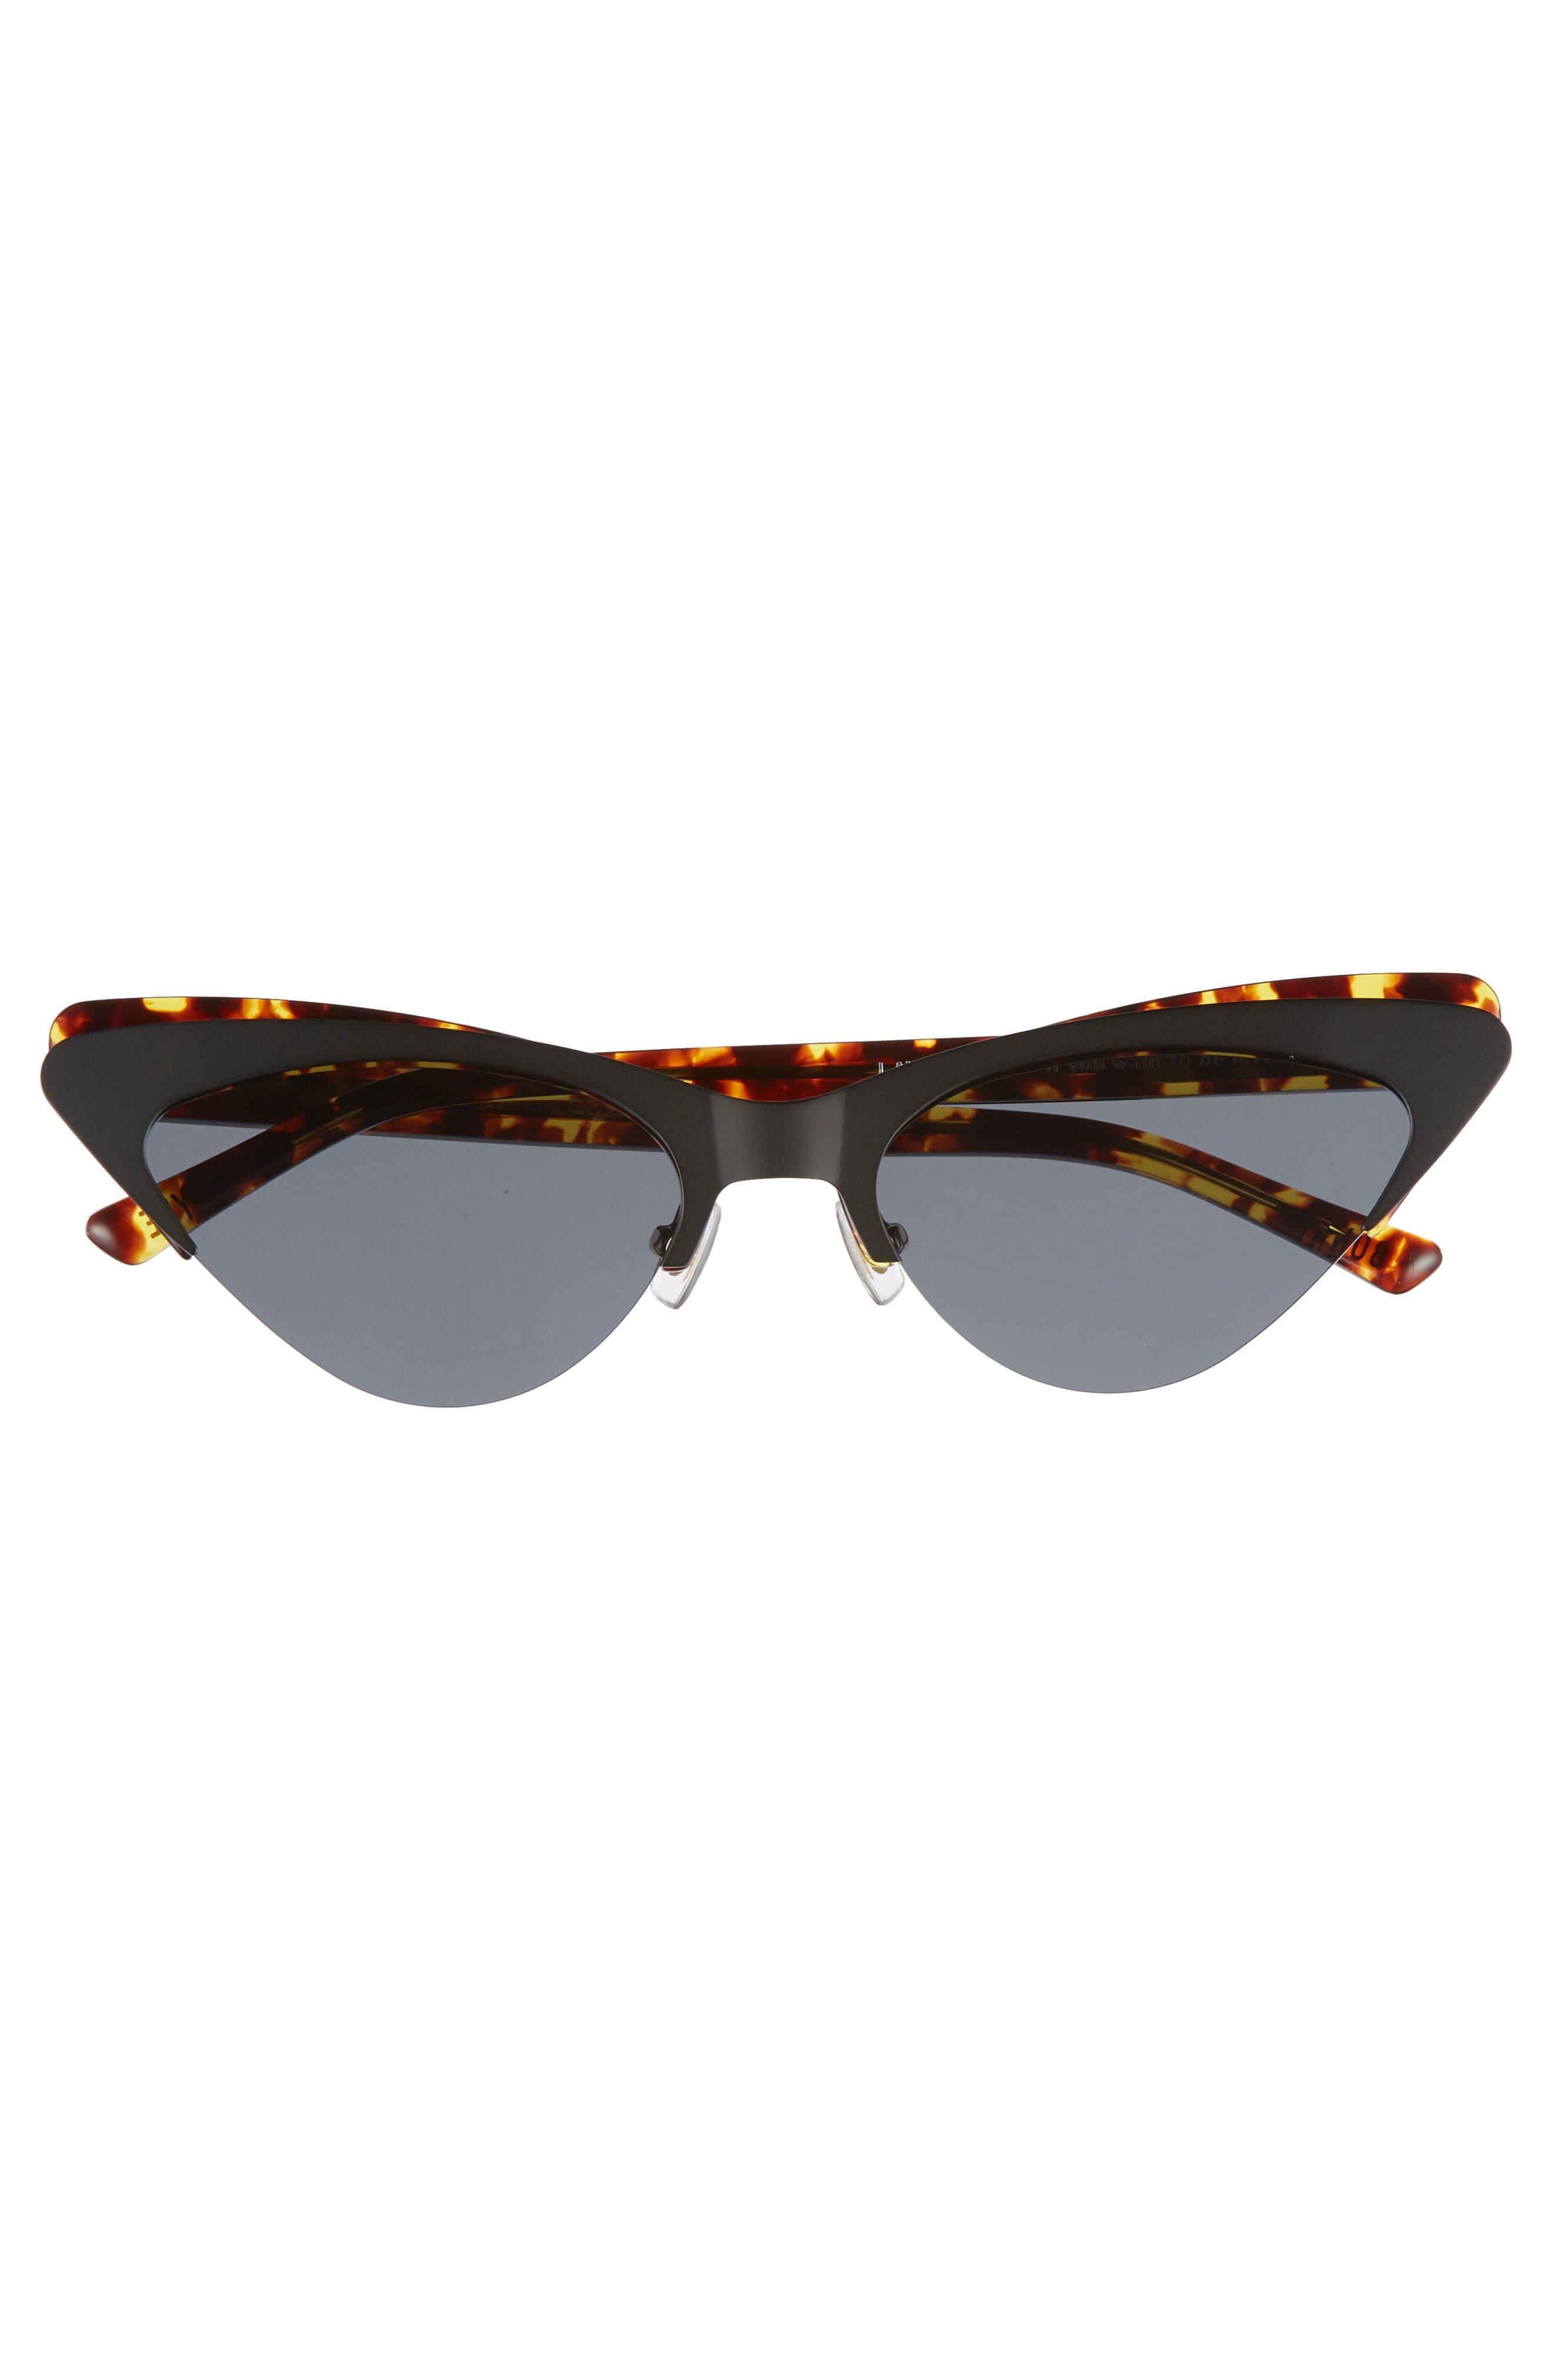 Layer Cake 55mm Cat Eye Sunglasses,                             Alternate thumbnail 3, color,                             Tortoise/ Black